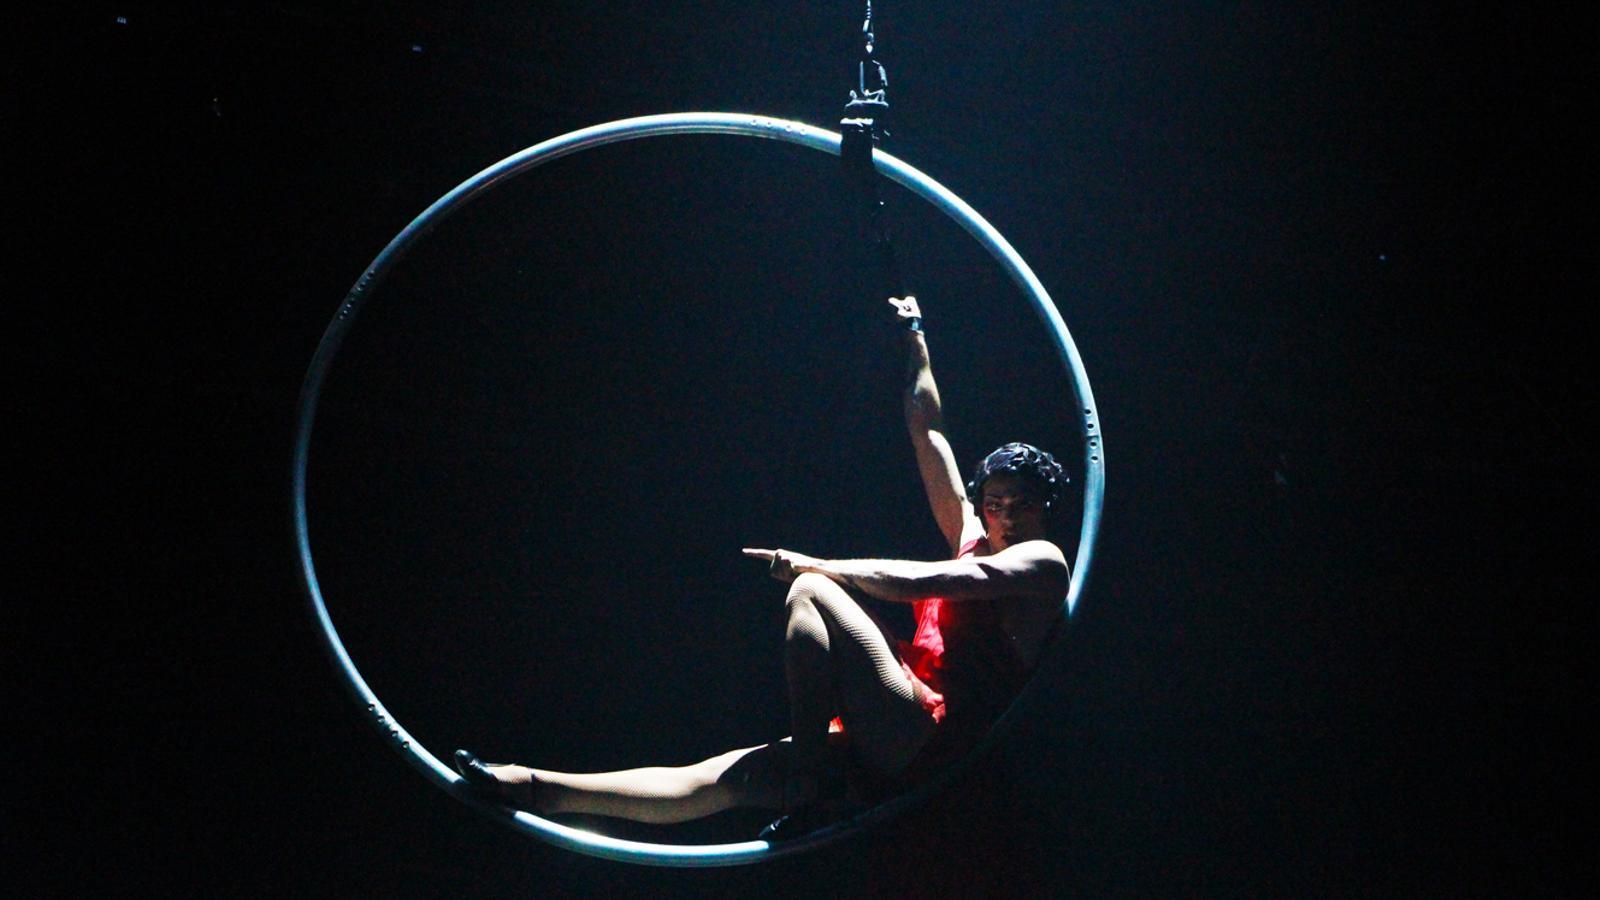 Estrena de Rebel, el nou espectacle del Cirque du Soleil per al juliol. / T. N. (ANA)